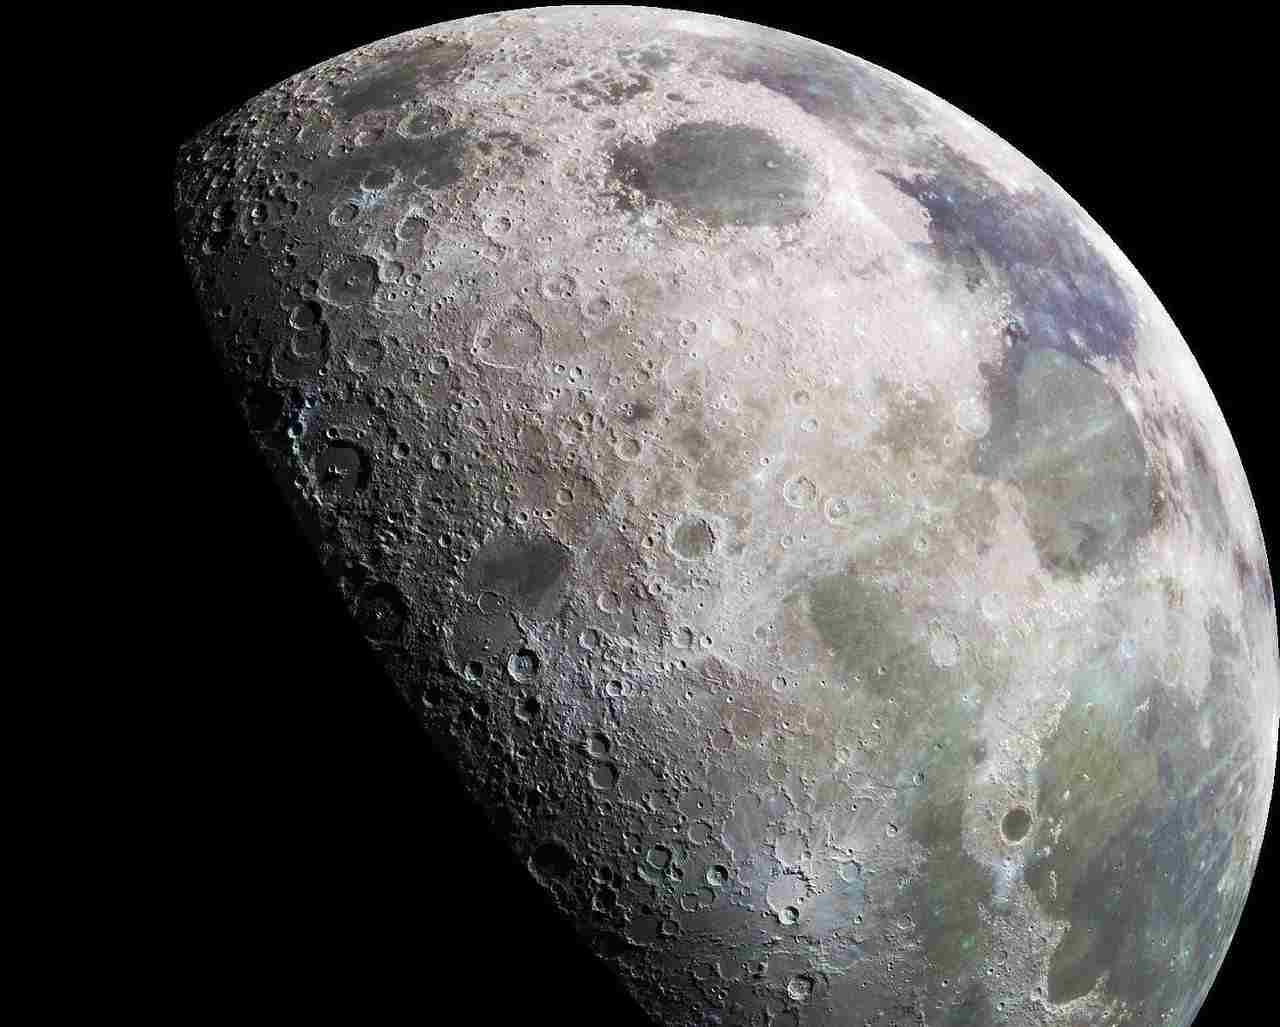 La rete 4G di Nokia sbarcherà sulla luna (Pixabay)